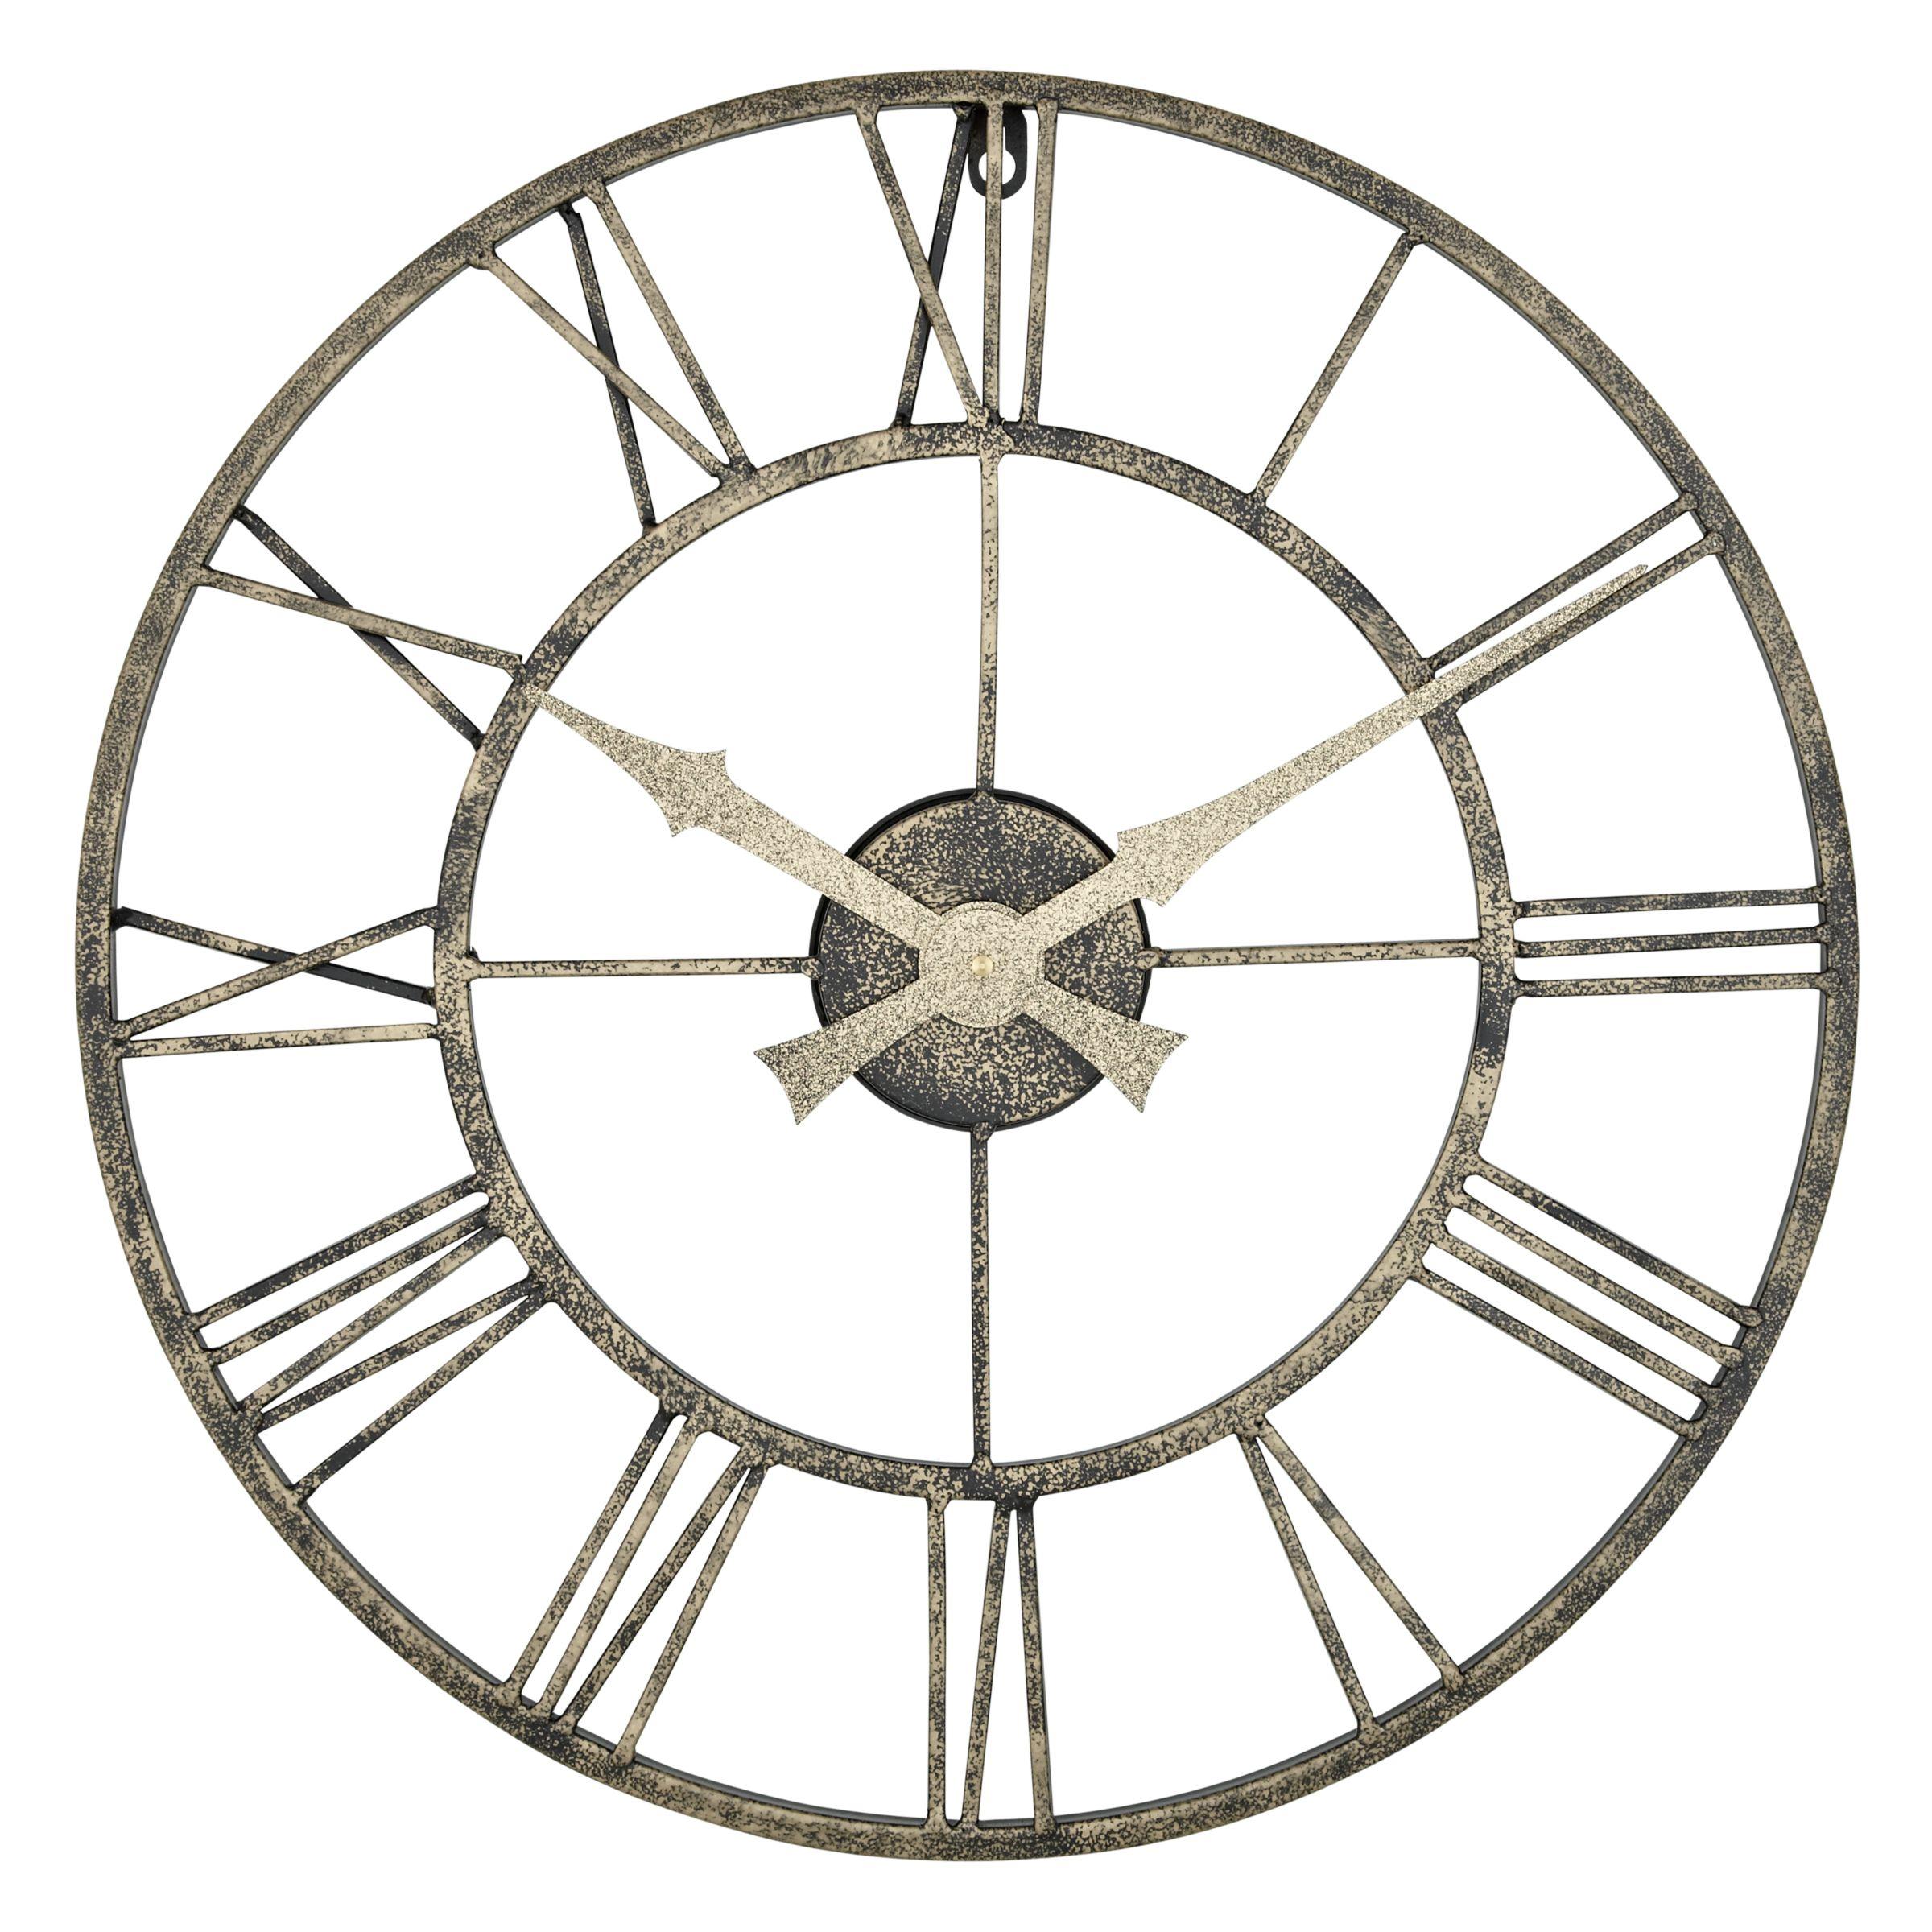 Lascelles Lascelles Outdoor Clock